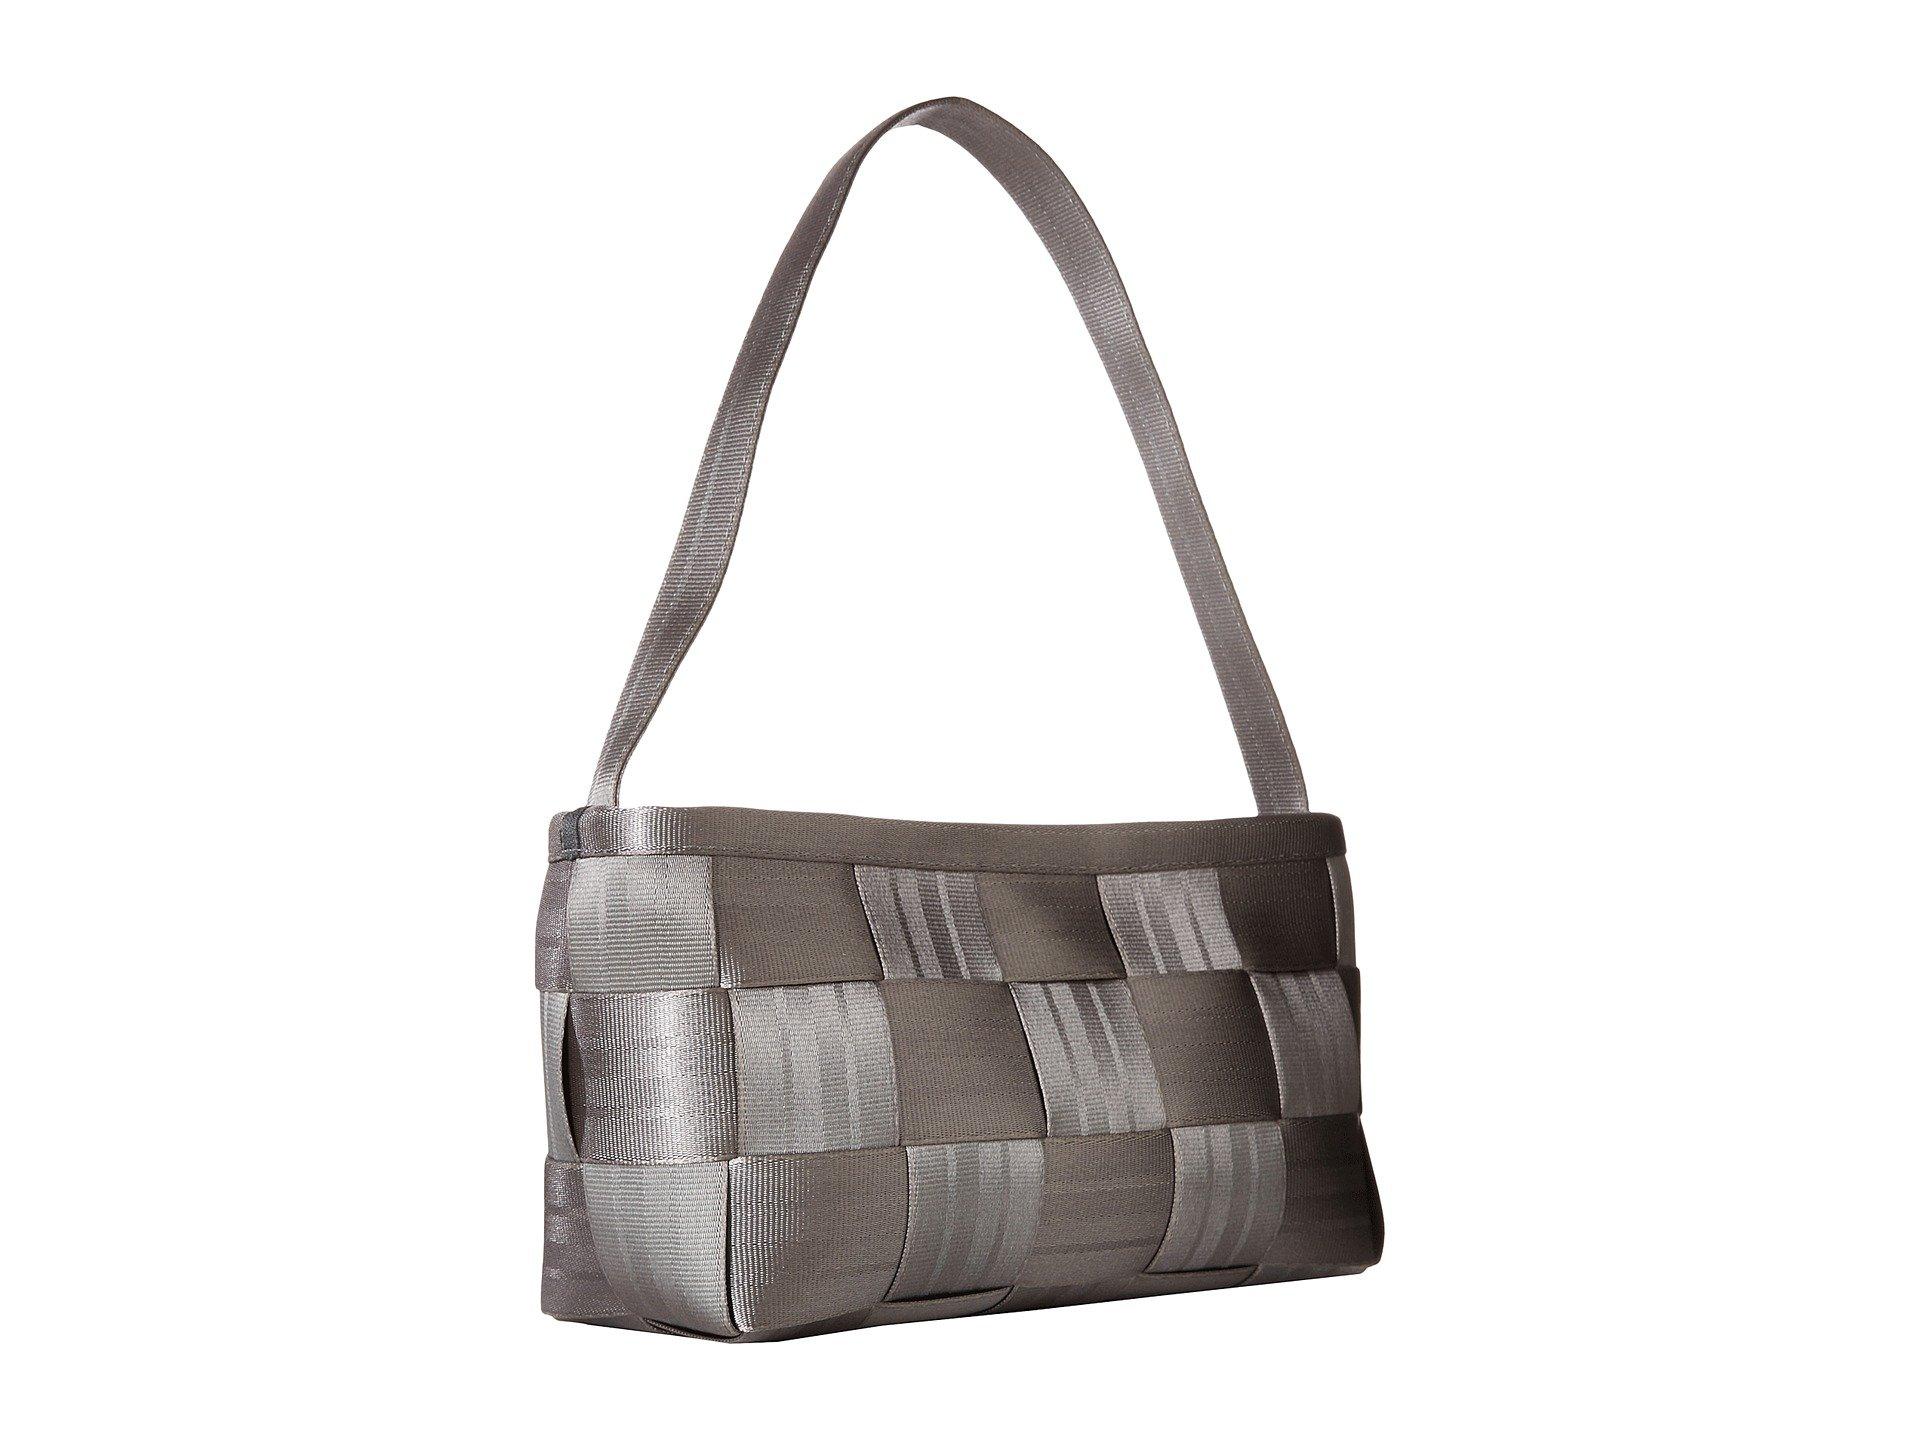 Harveys Seatbelt Storm Bag Baguette Bag Baguette Harveys Storm Seatbelt Harveys Seatbelt w4qgfnq6t